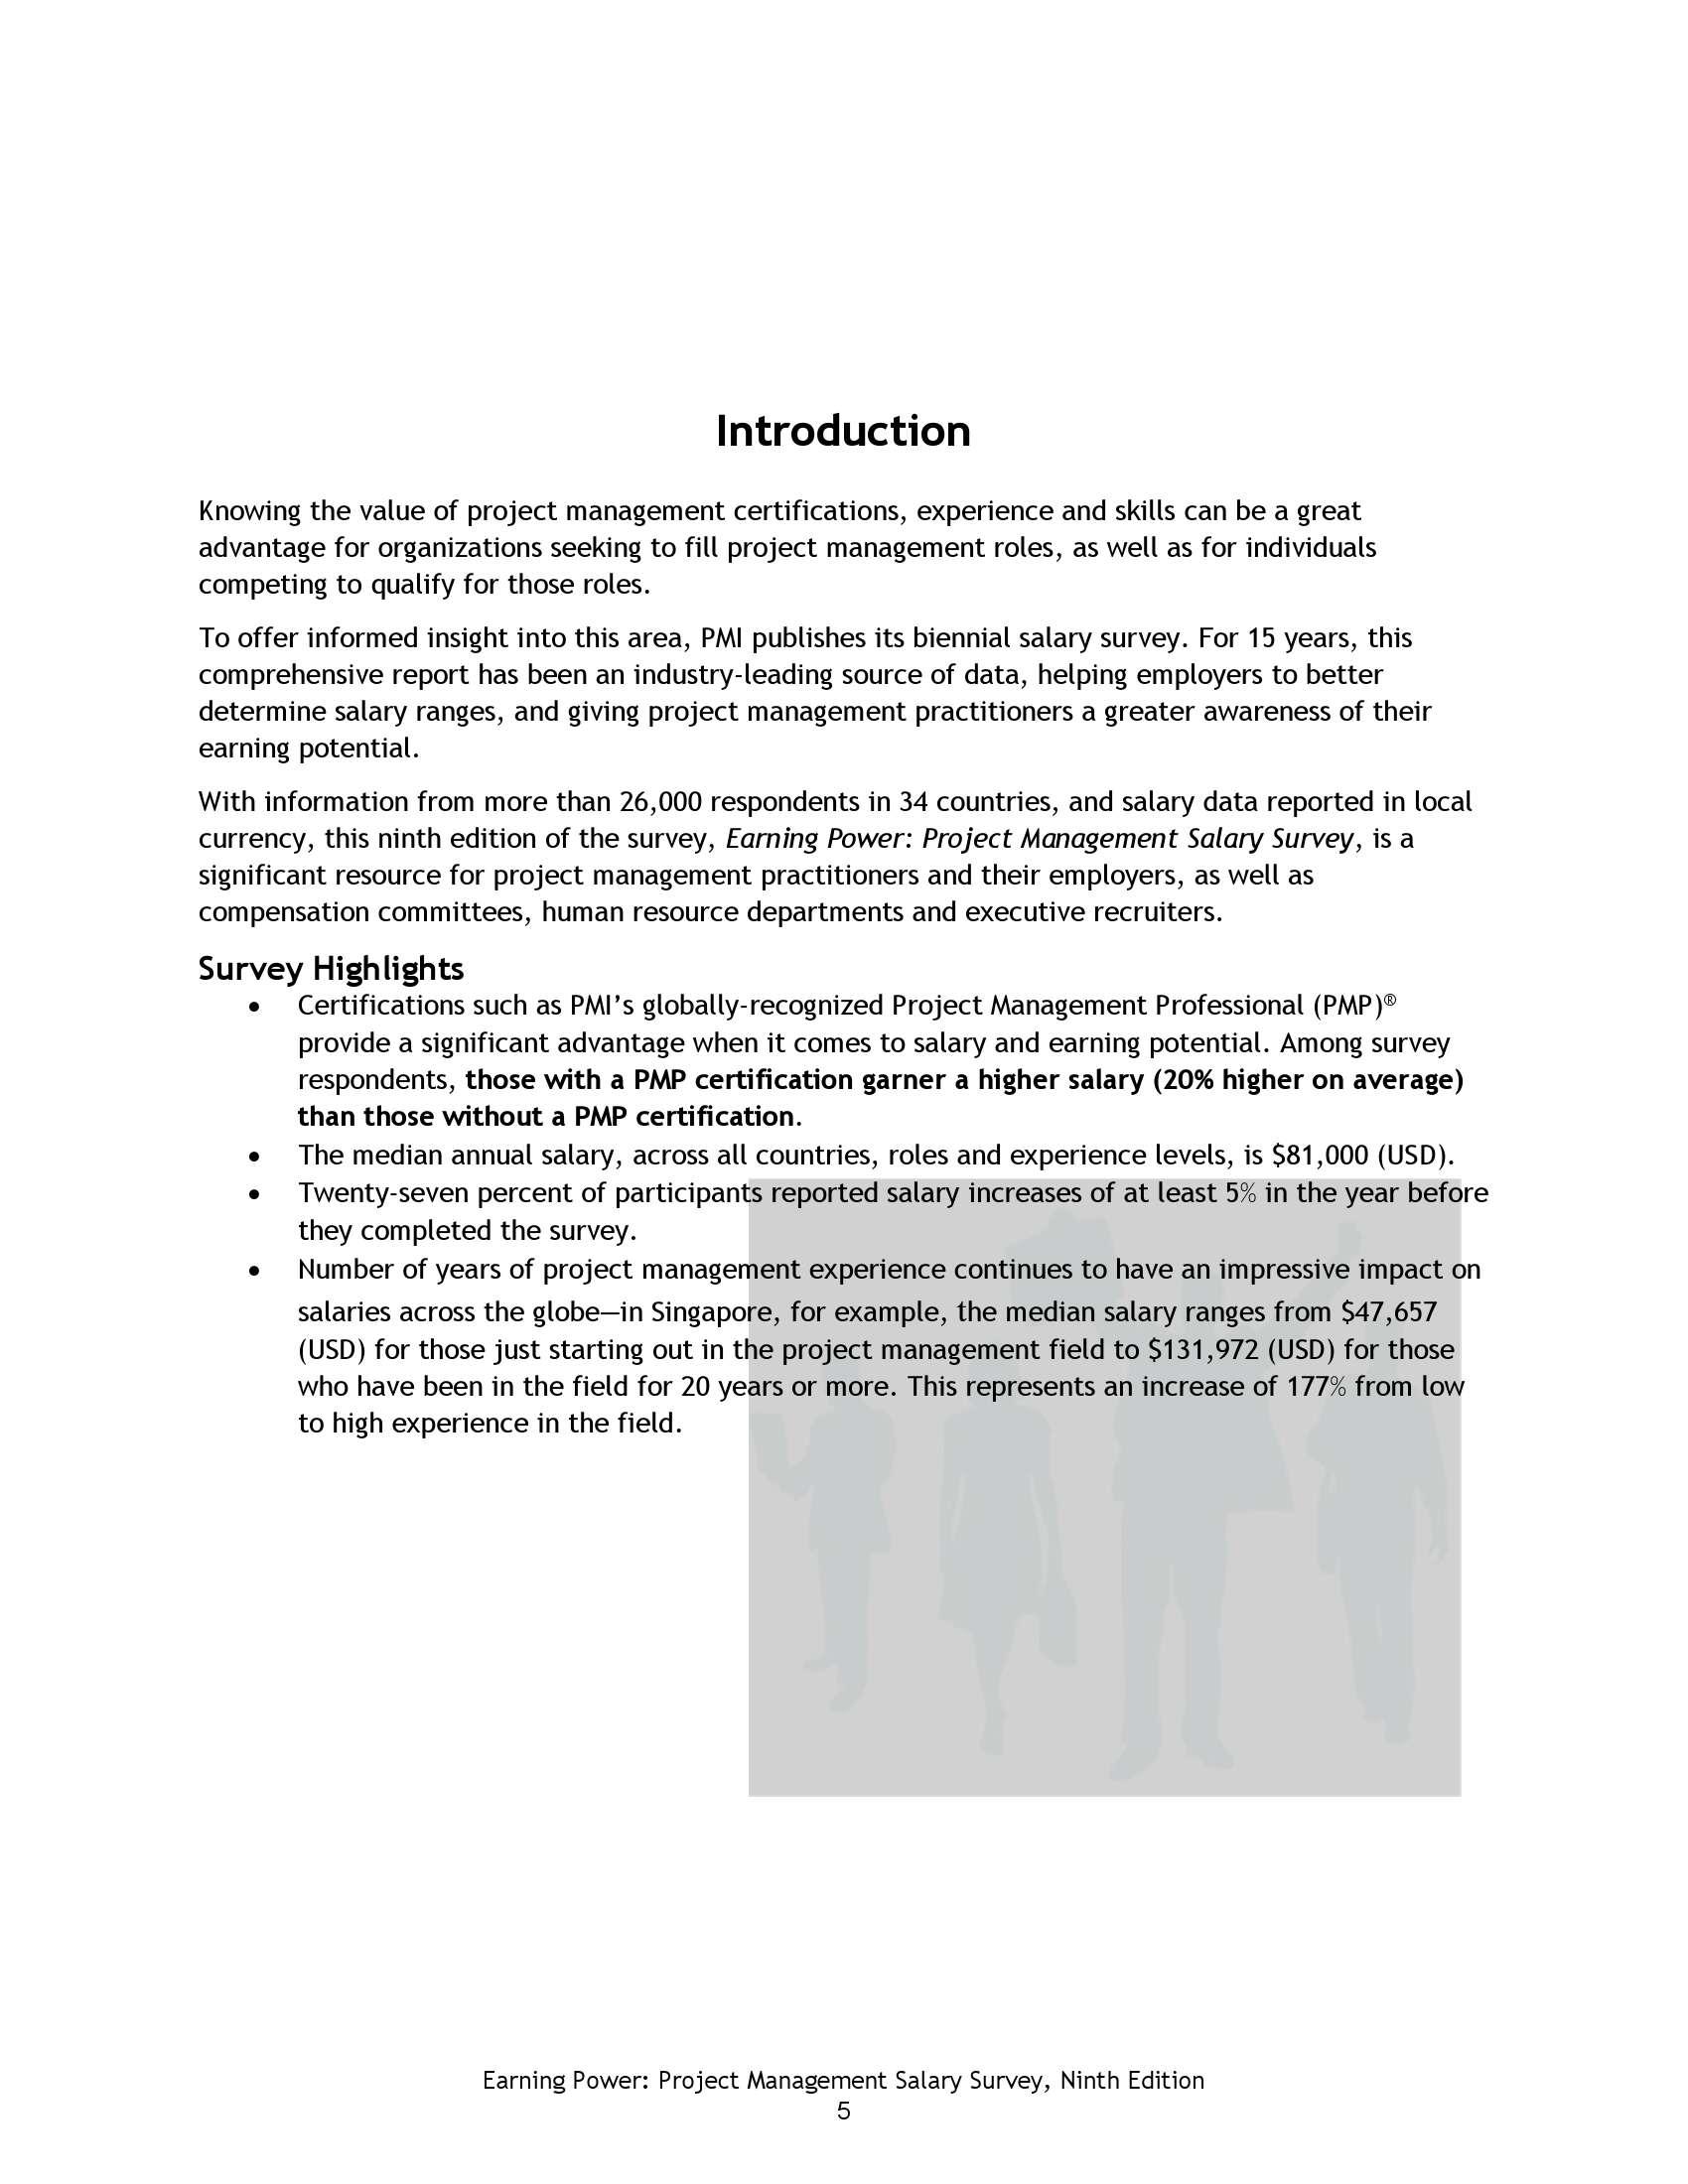 2015年项目管理薪酬调查报告_000006